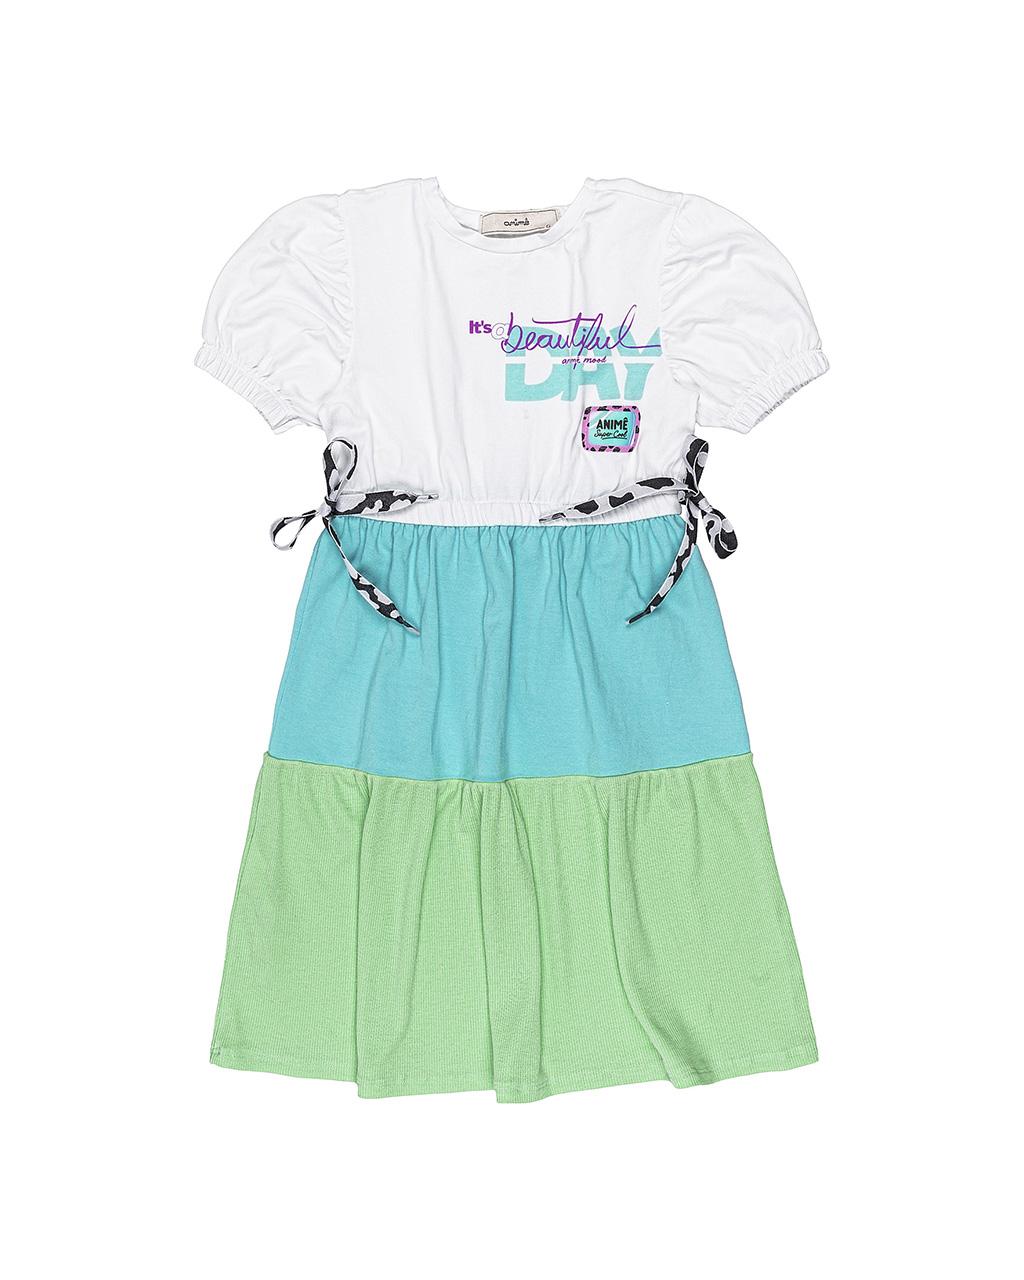 Vestido Infantil Canelado Tres Marias Animê